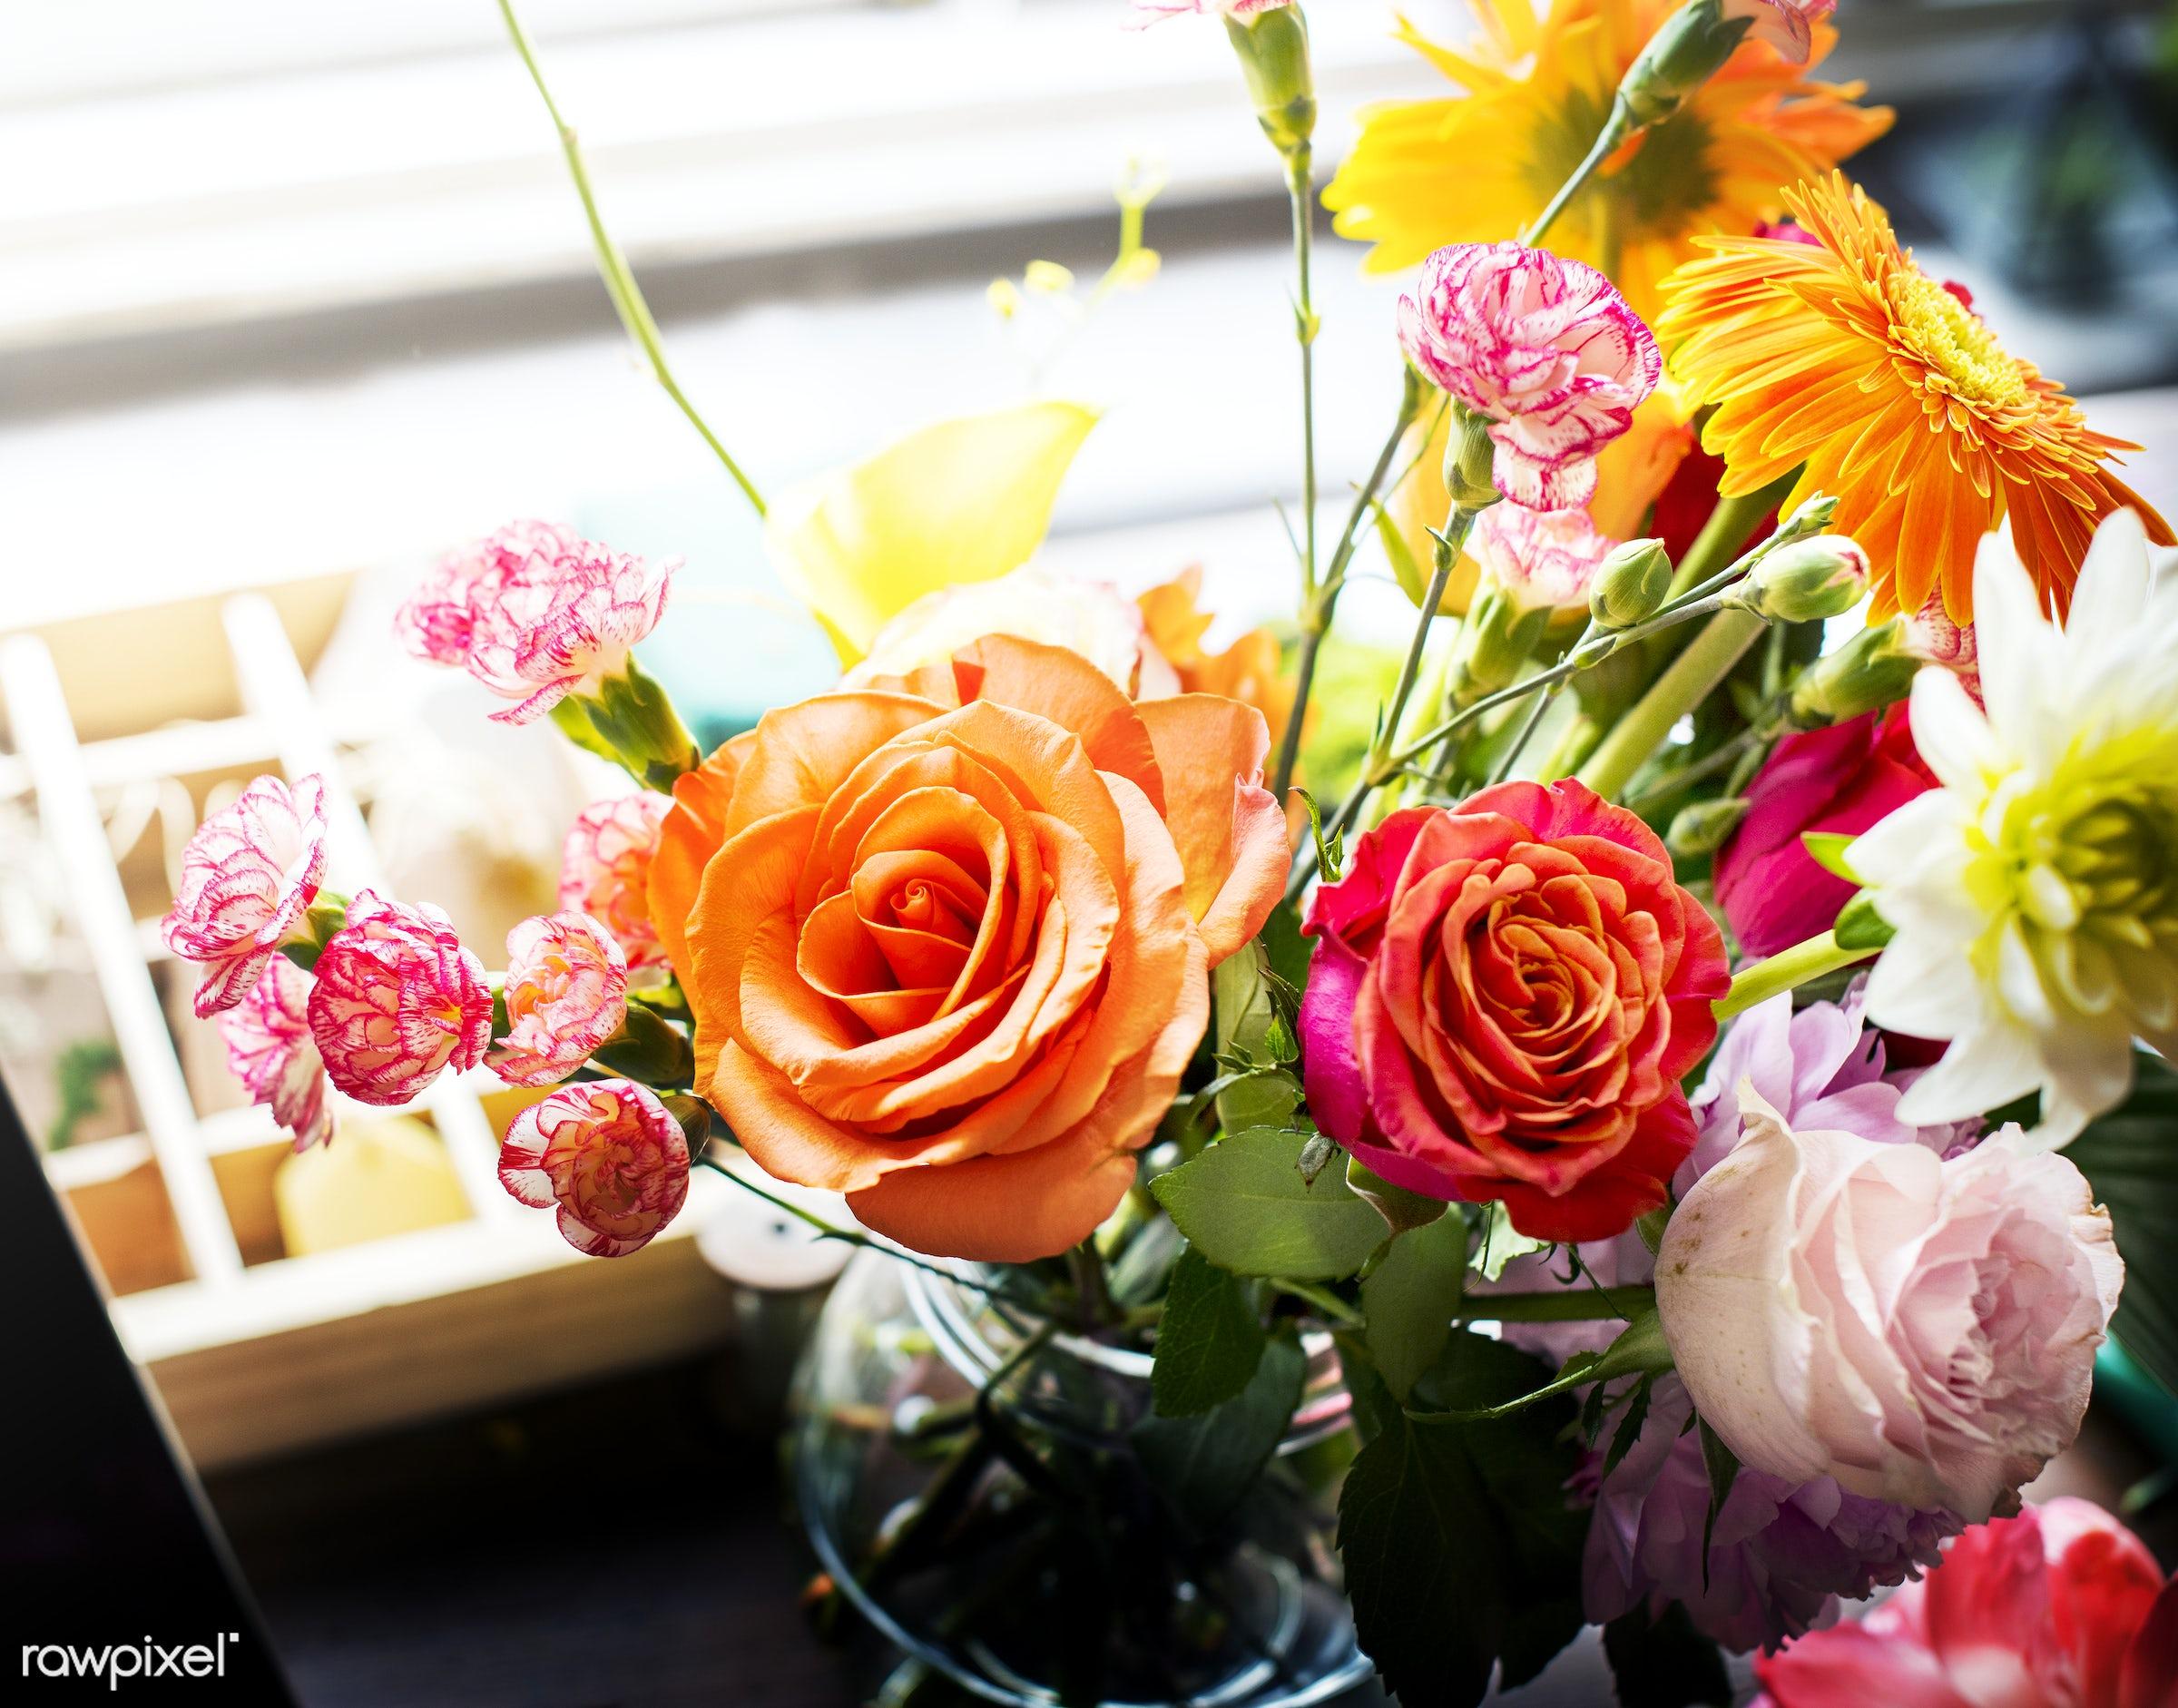 Romantic bouquet of flowers - plant, bouquet, shop, concept, decorative, botany, leaf, botanical, romance, blossom, decor,...